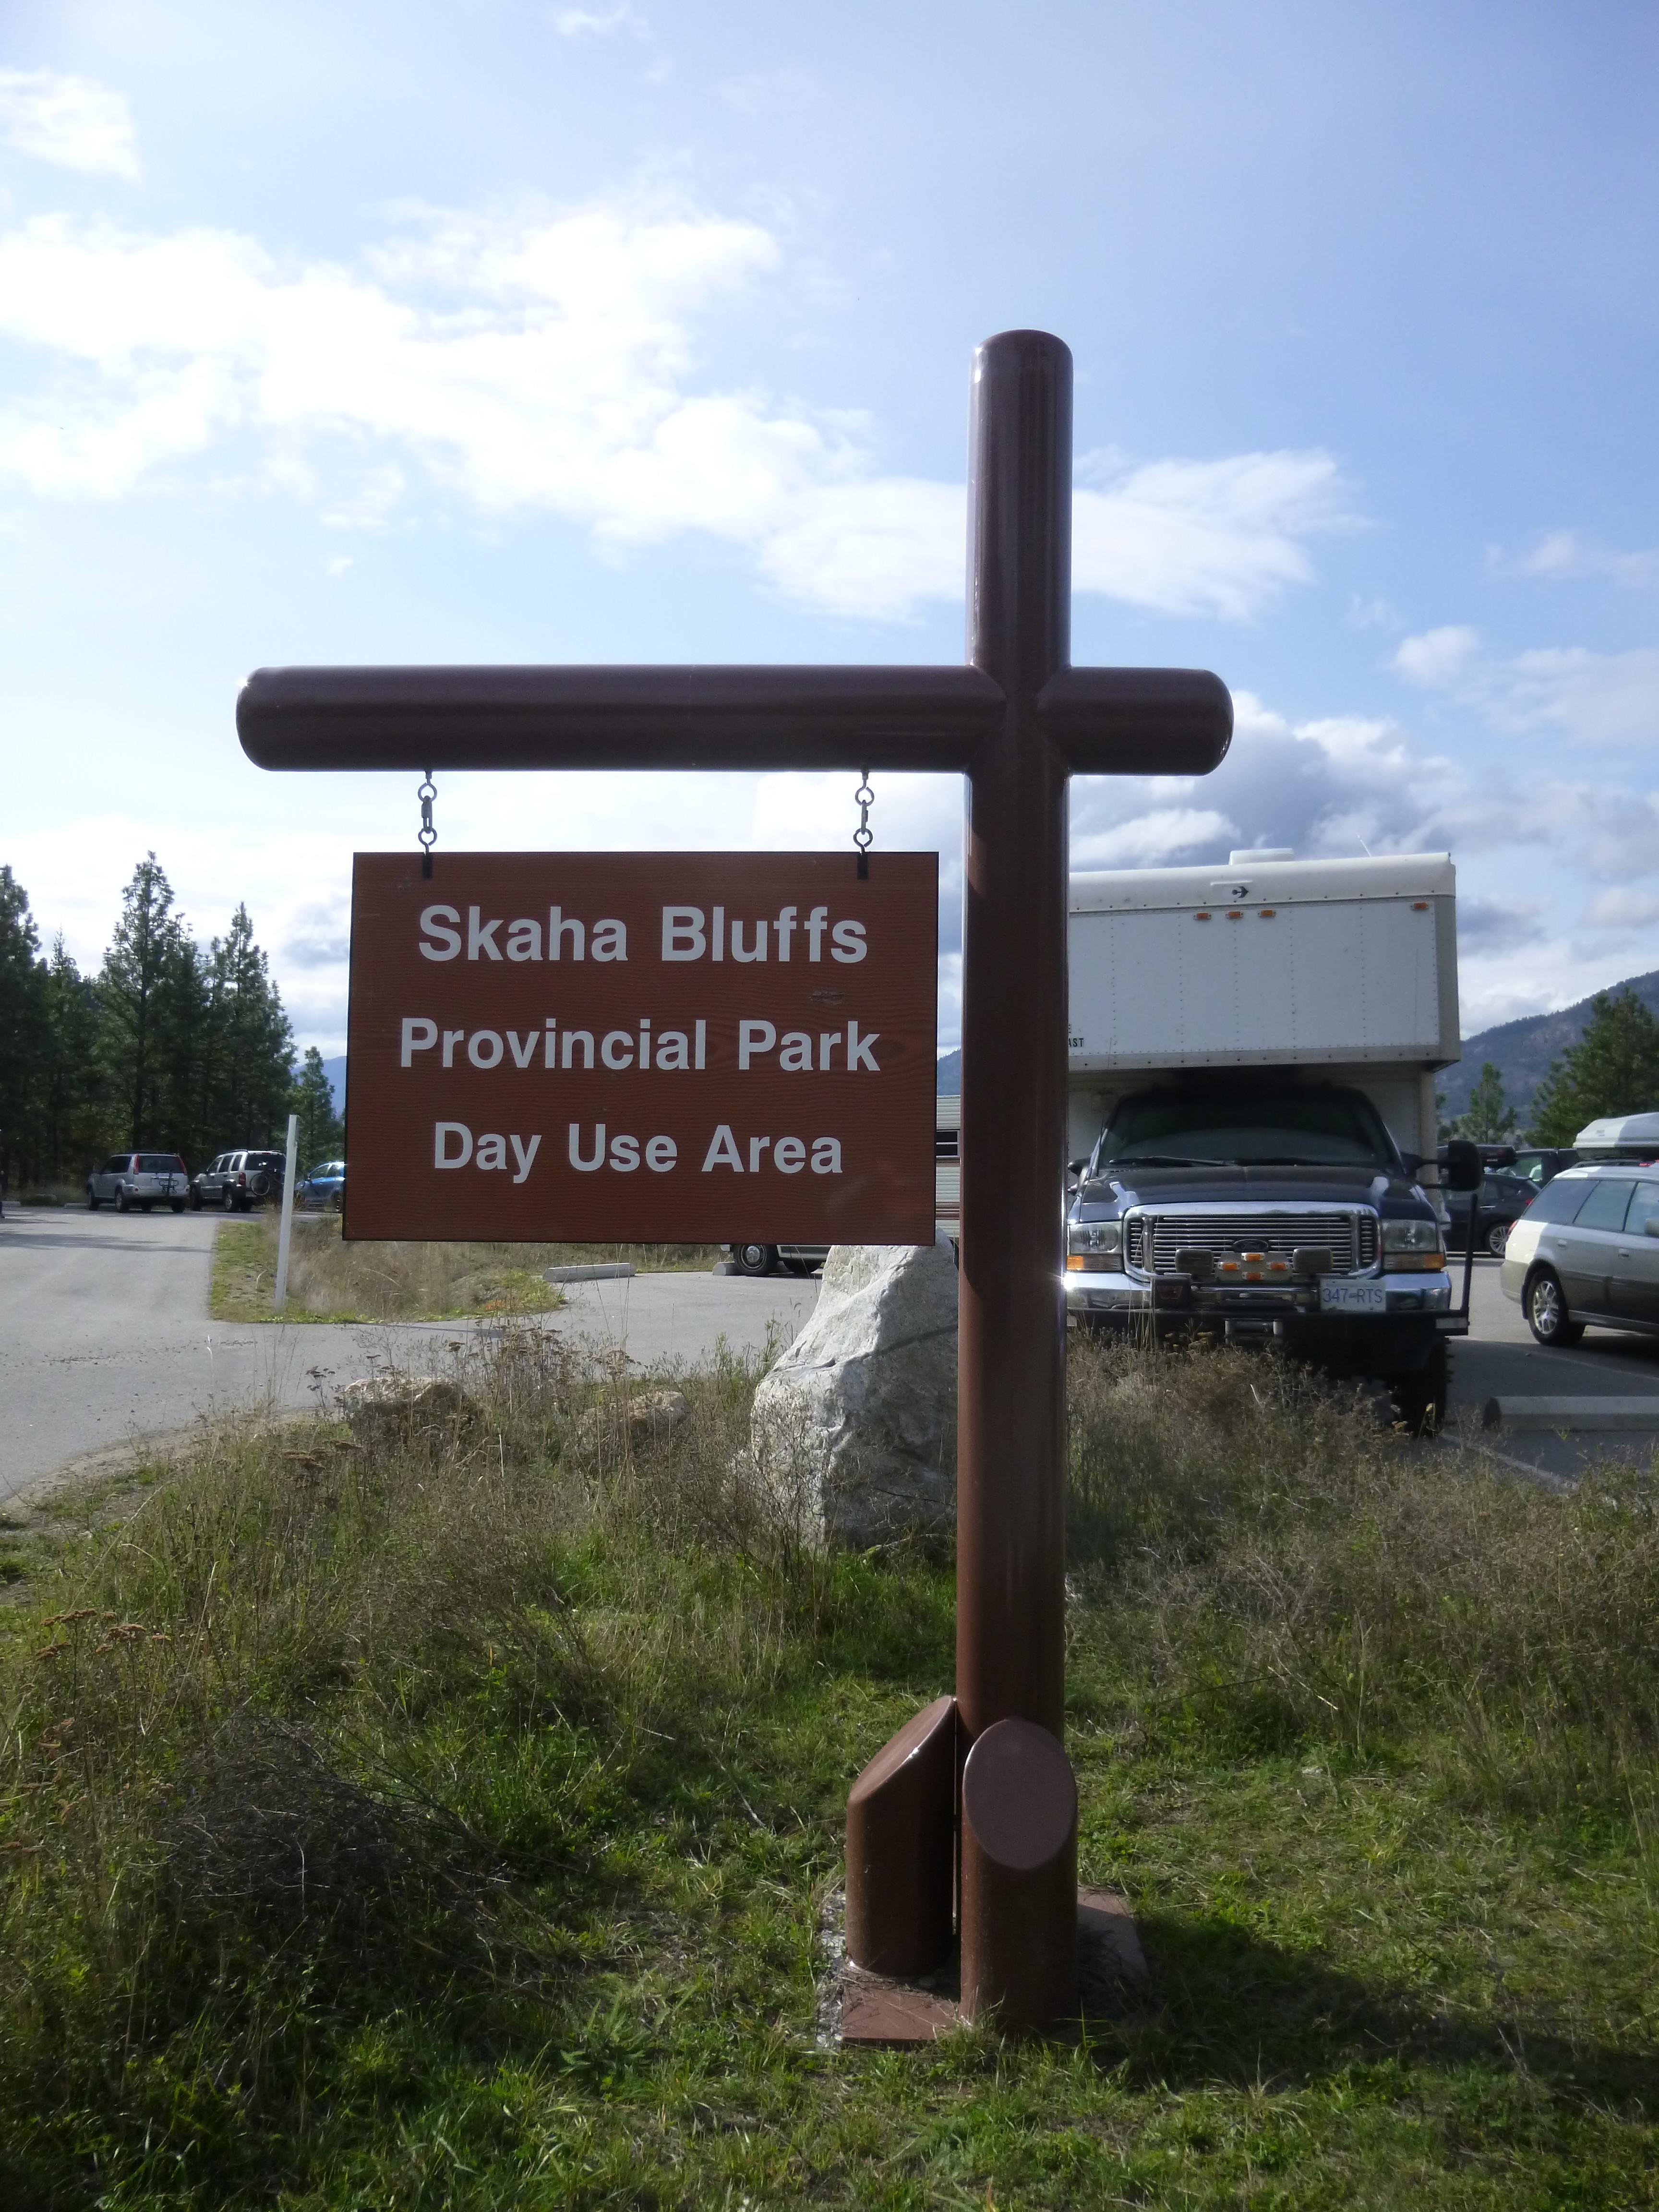 Skaha Bluffs Provincial Park rock climbing